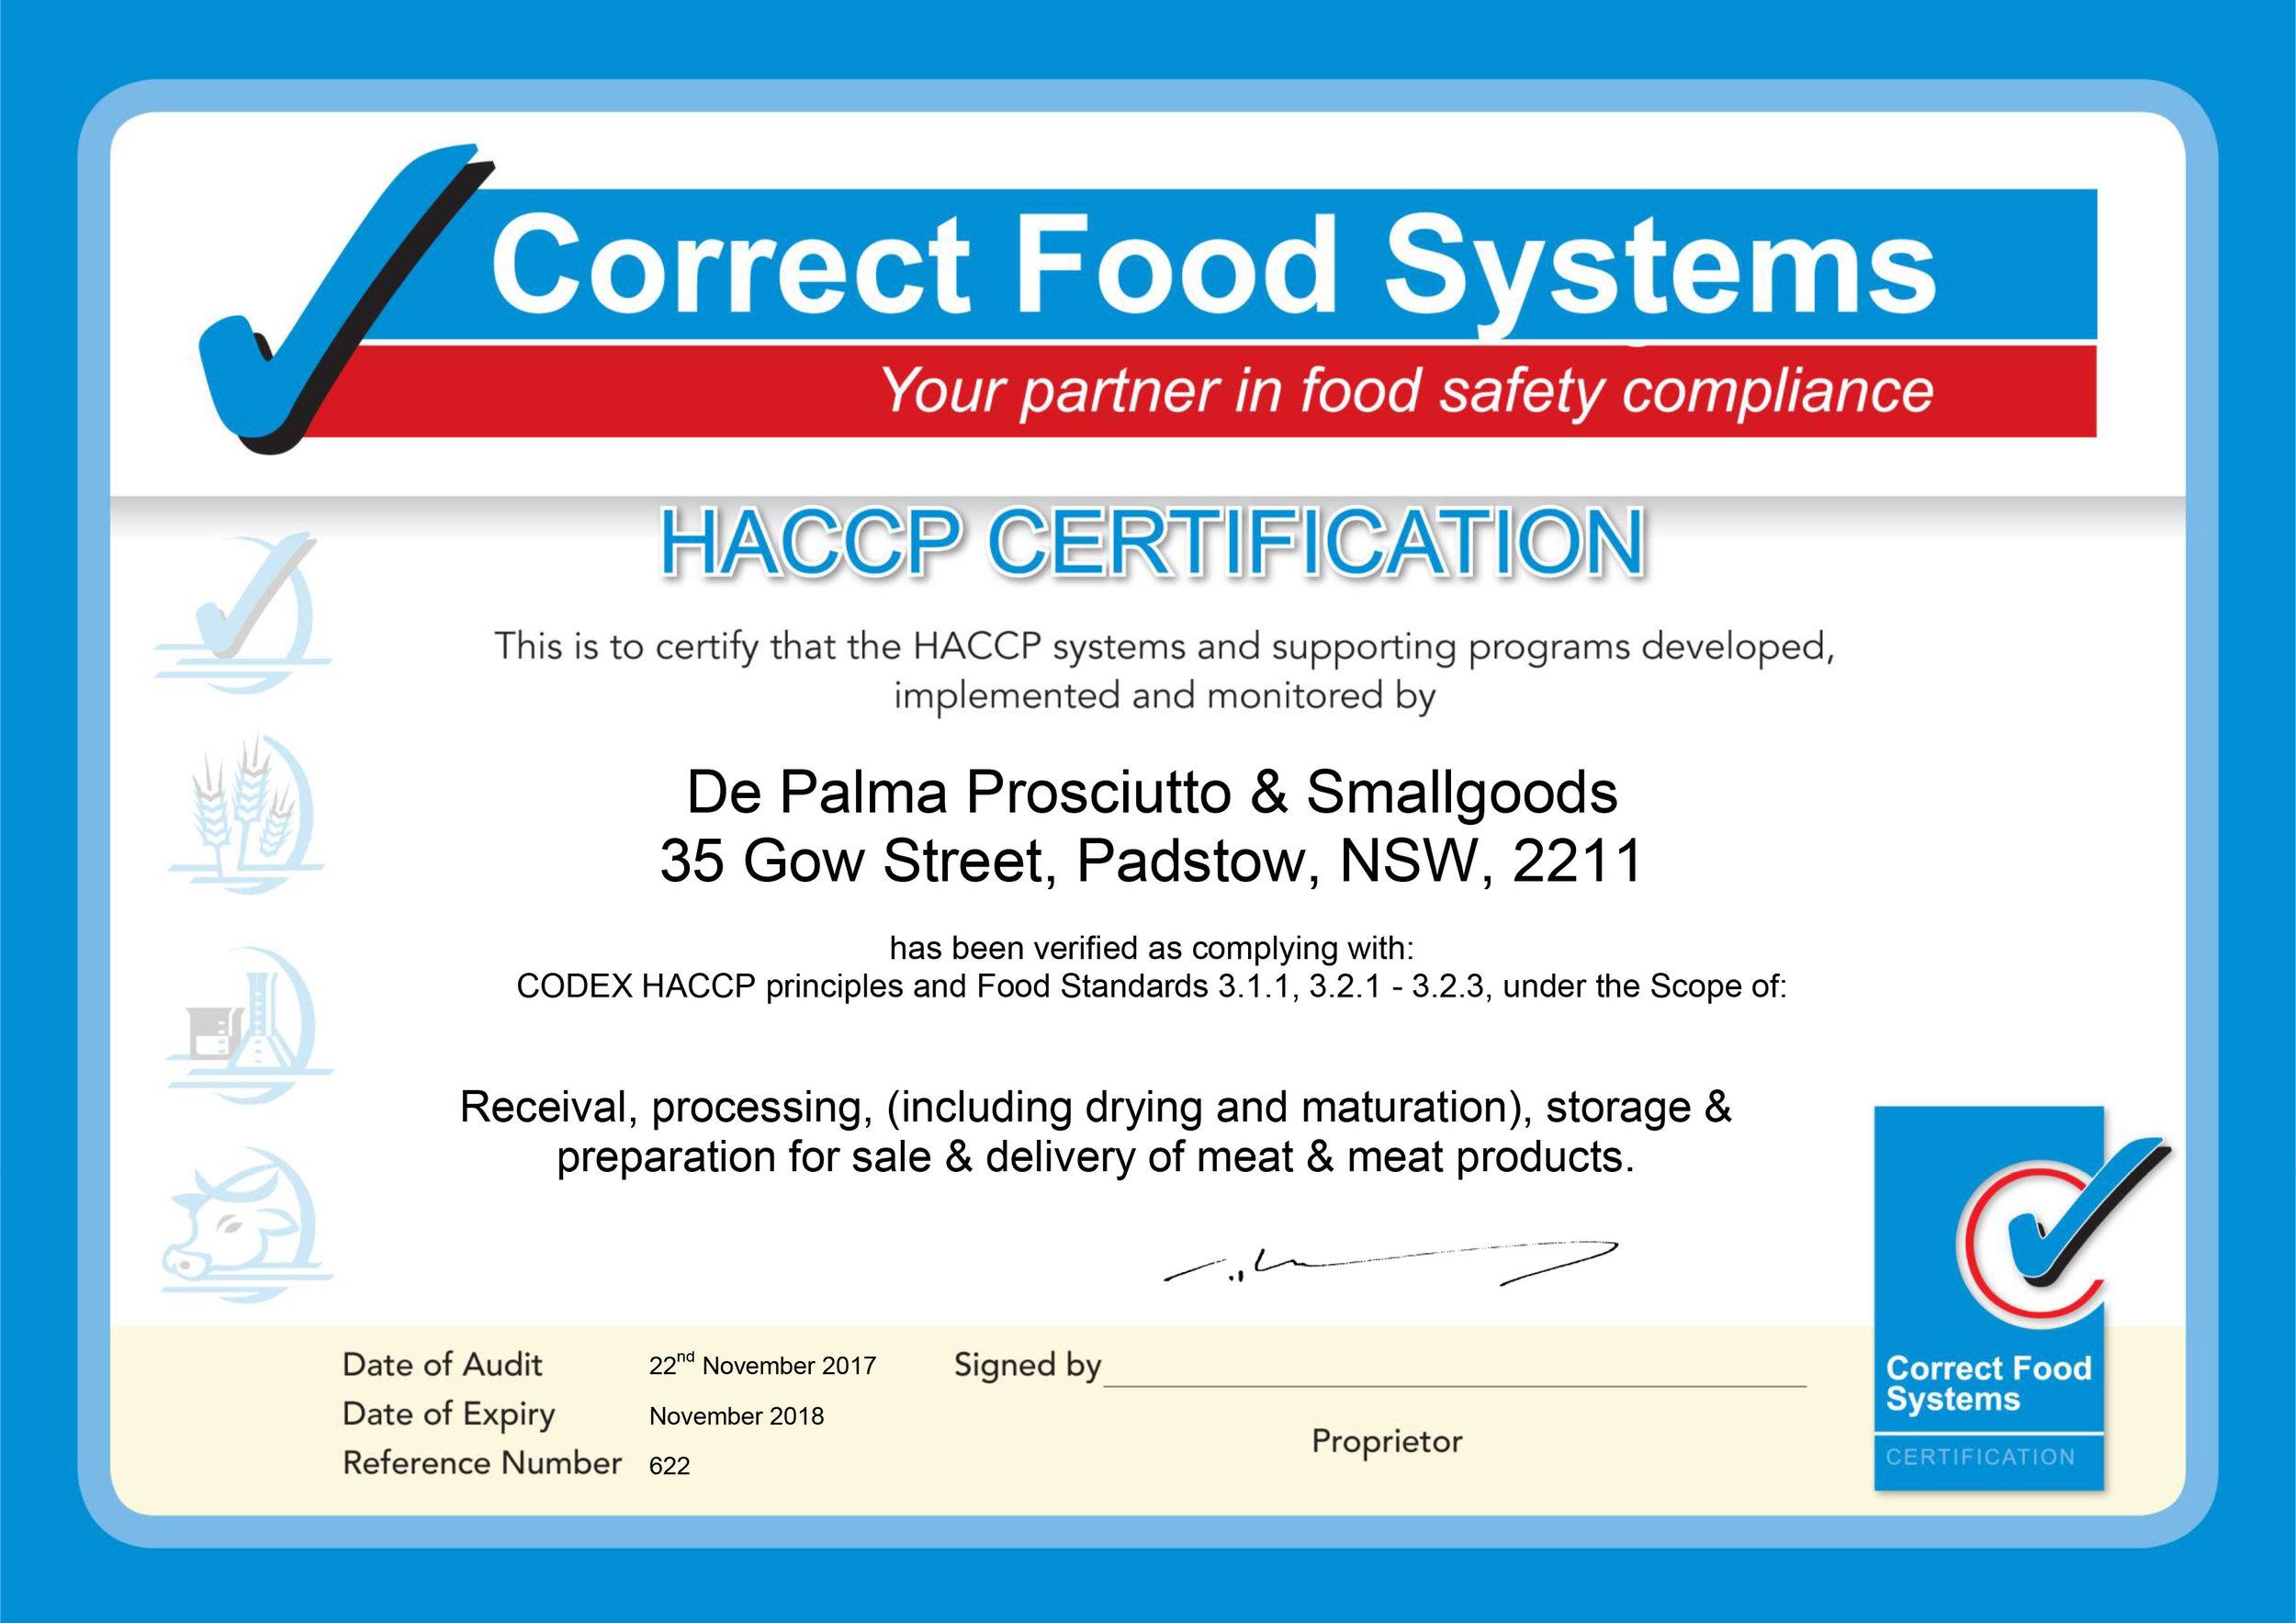 171122-De-Palma-Prosciutto-and-Smallgoods-certificate-2017-2018.jpg